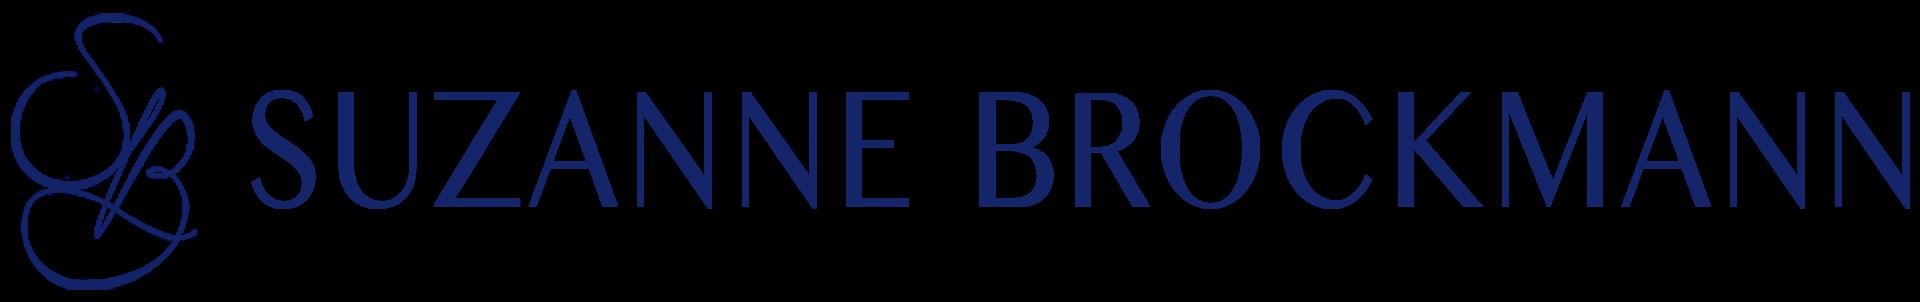 SuzanneBrockmann.com Logo